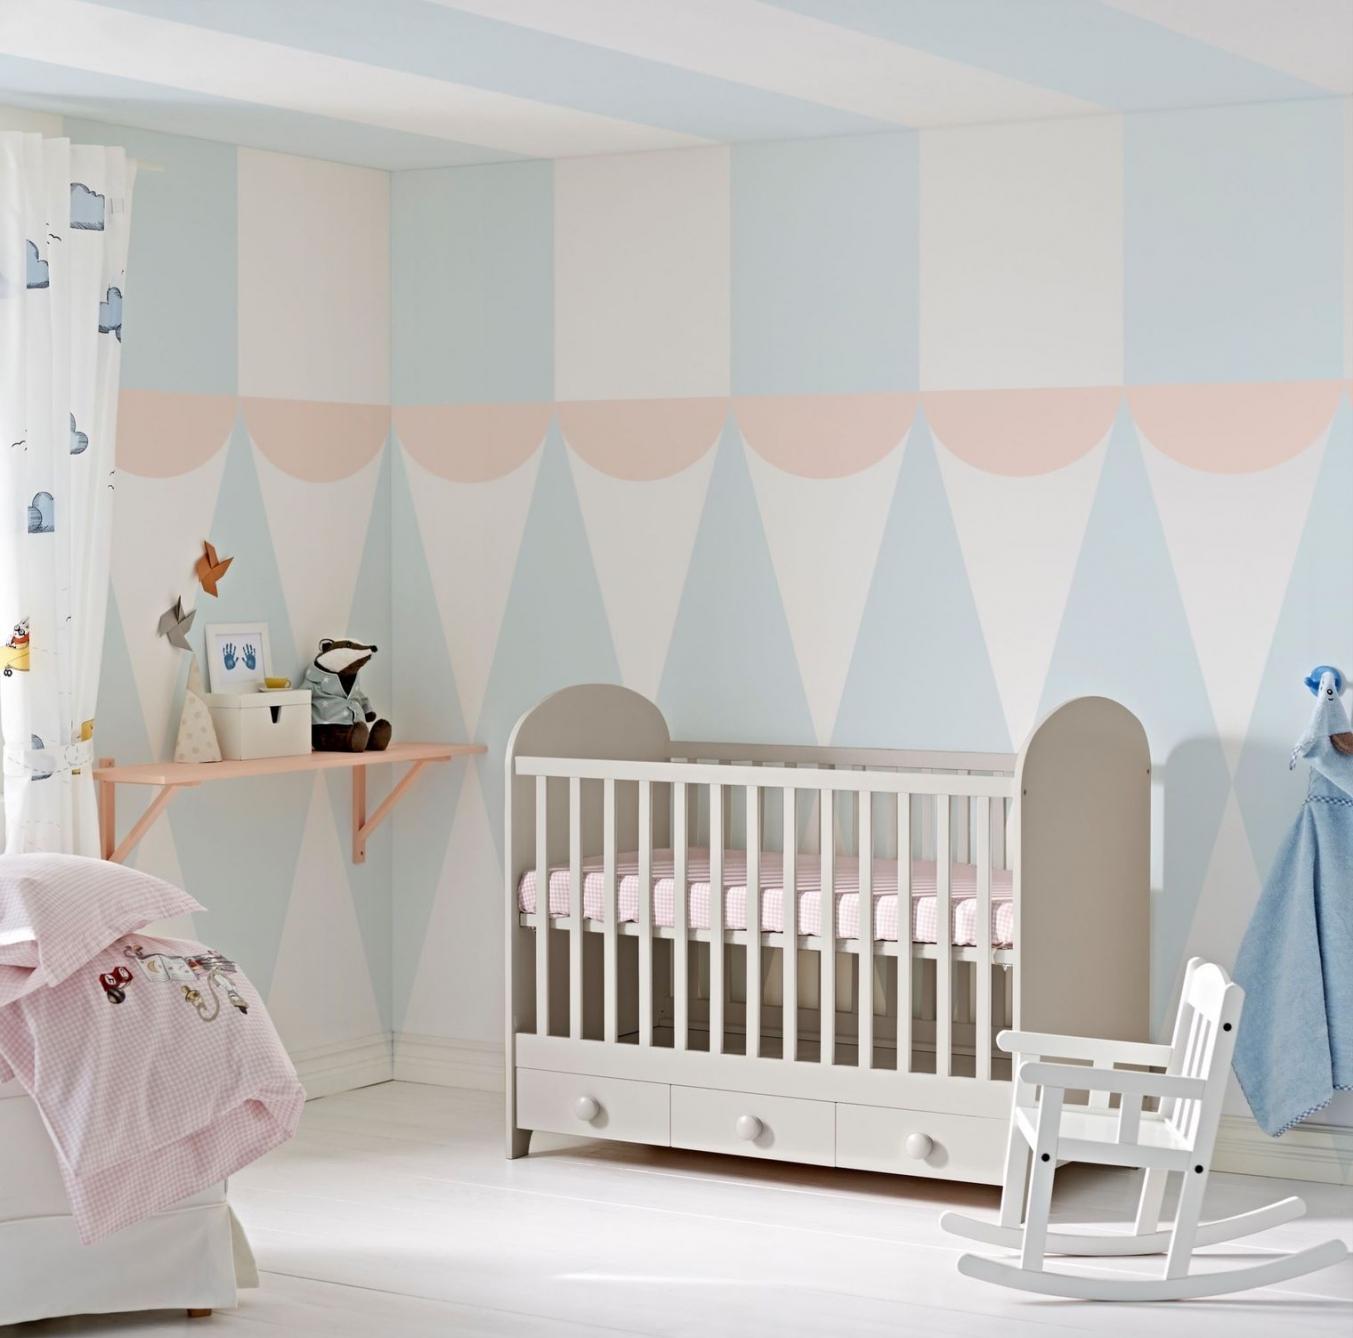 Эконом дизайн детской комнаты в пастельных тонах